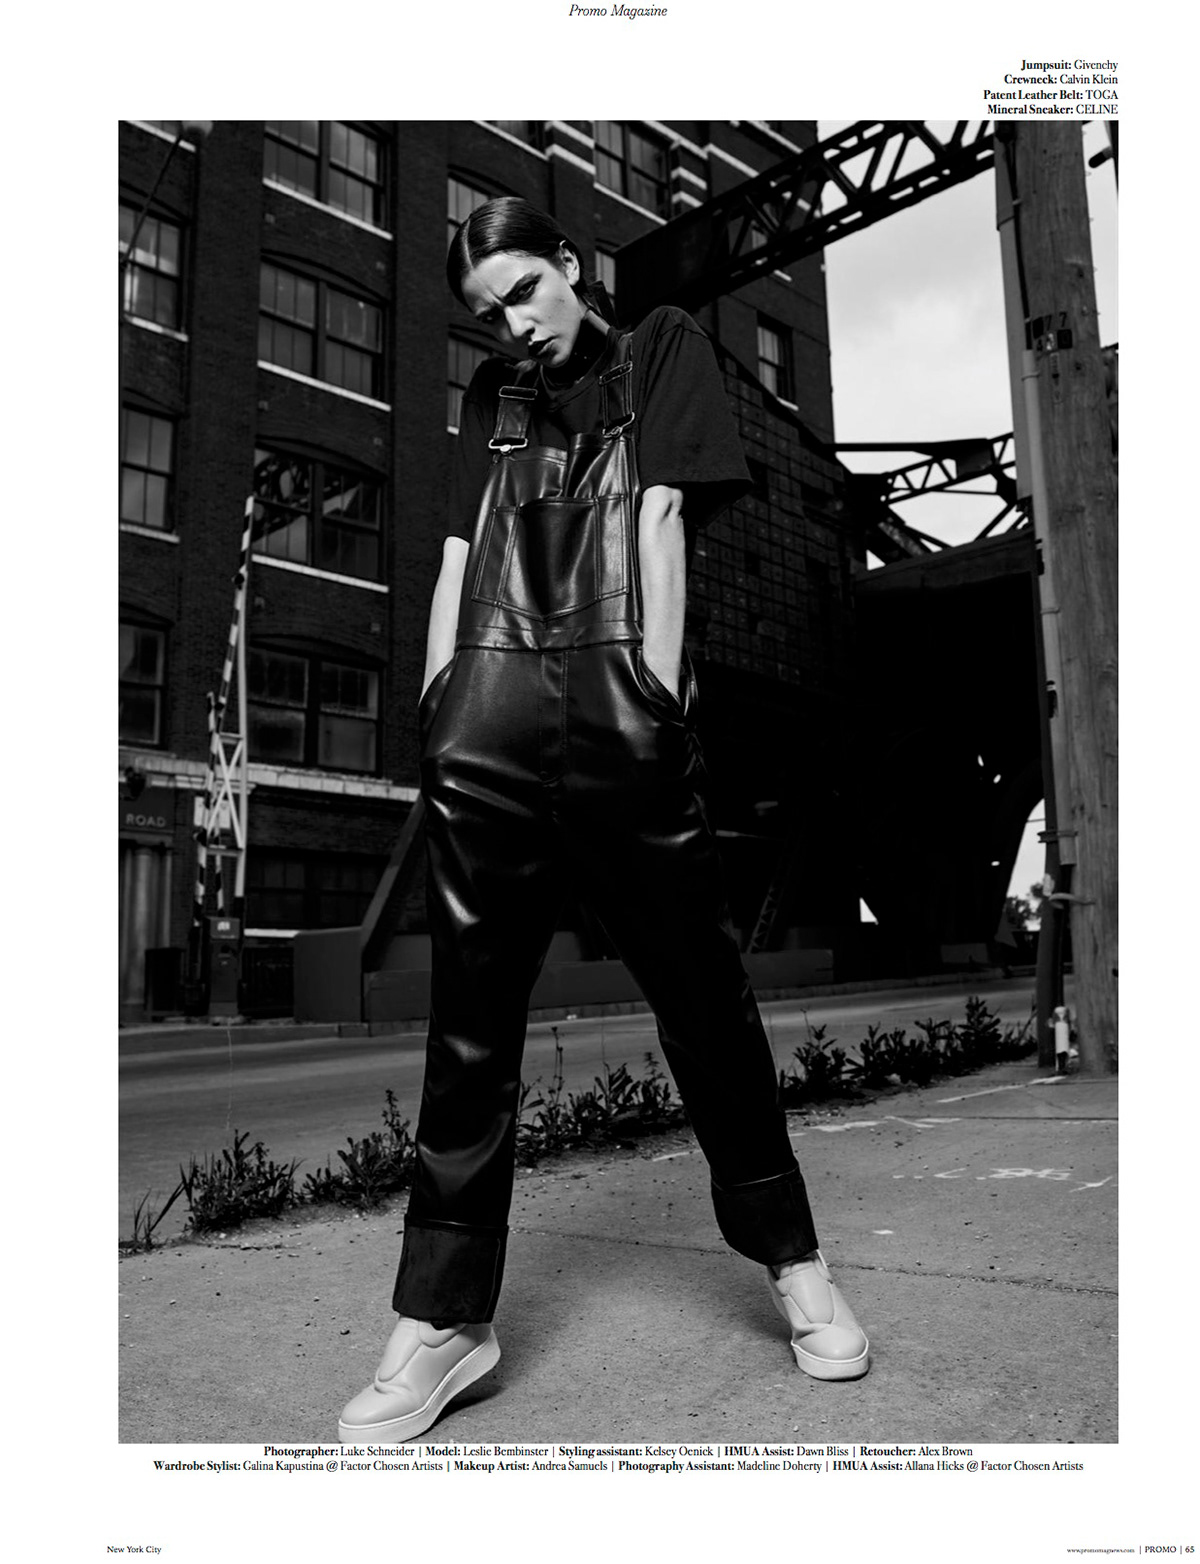 Luke Schneider - INDUSTRIALIZED | Promo Magazine